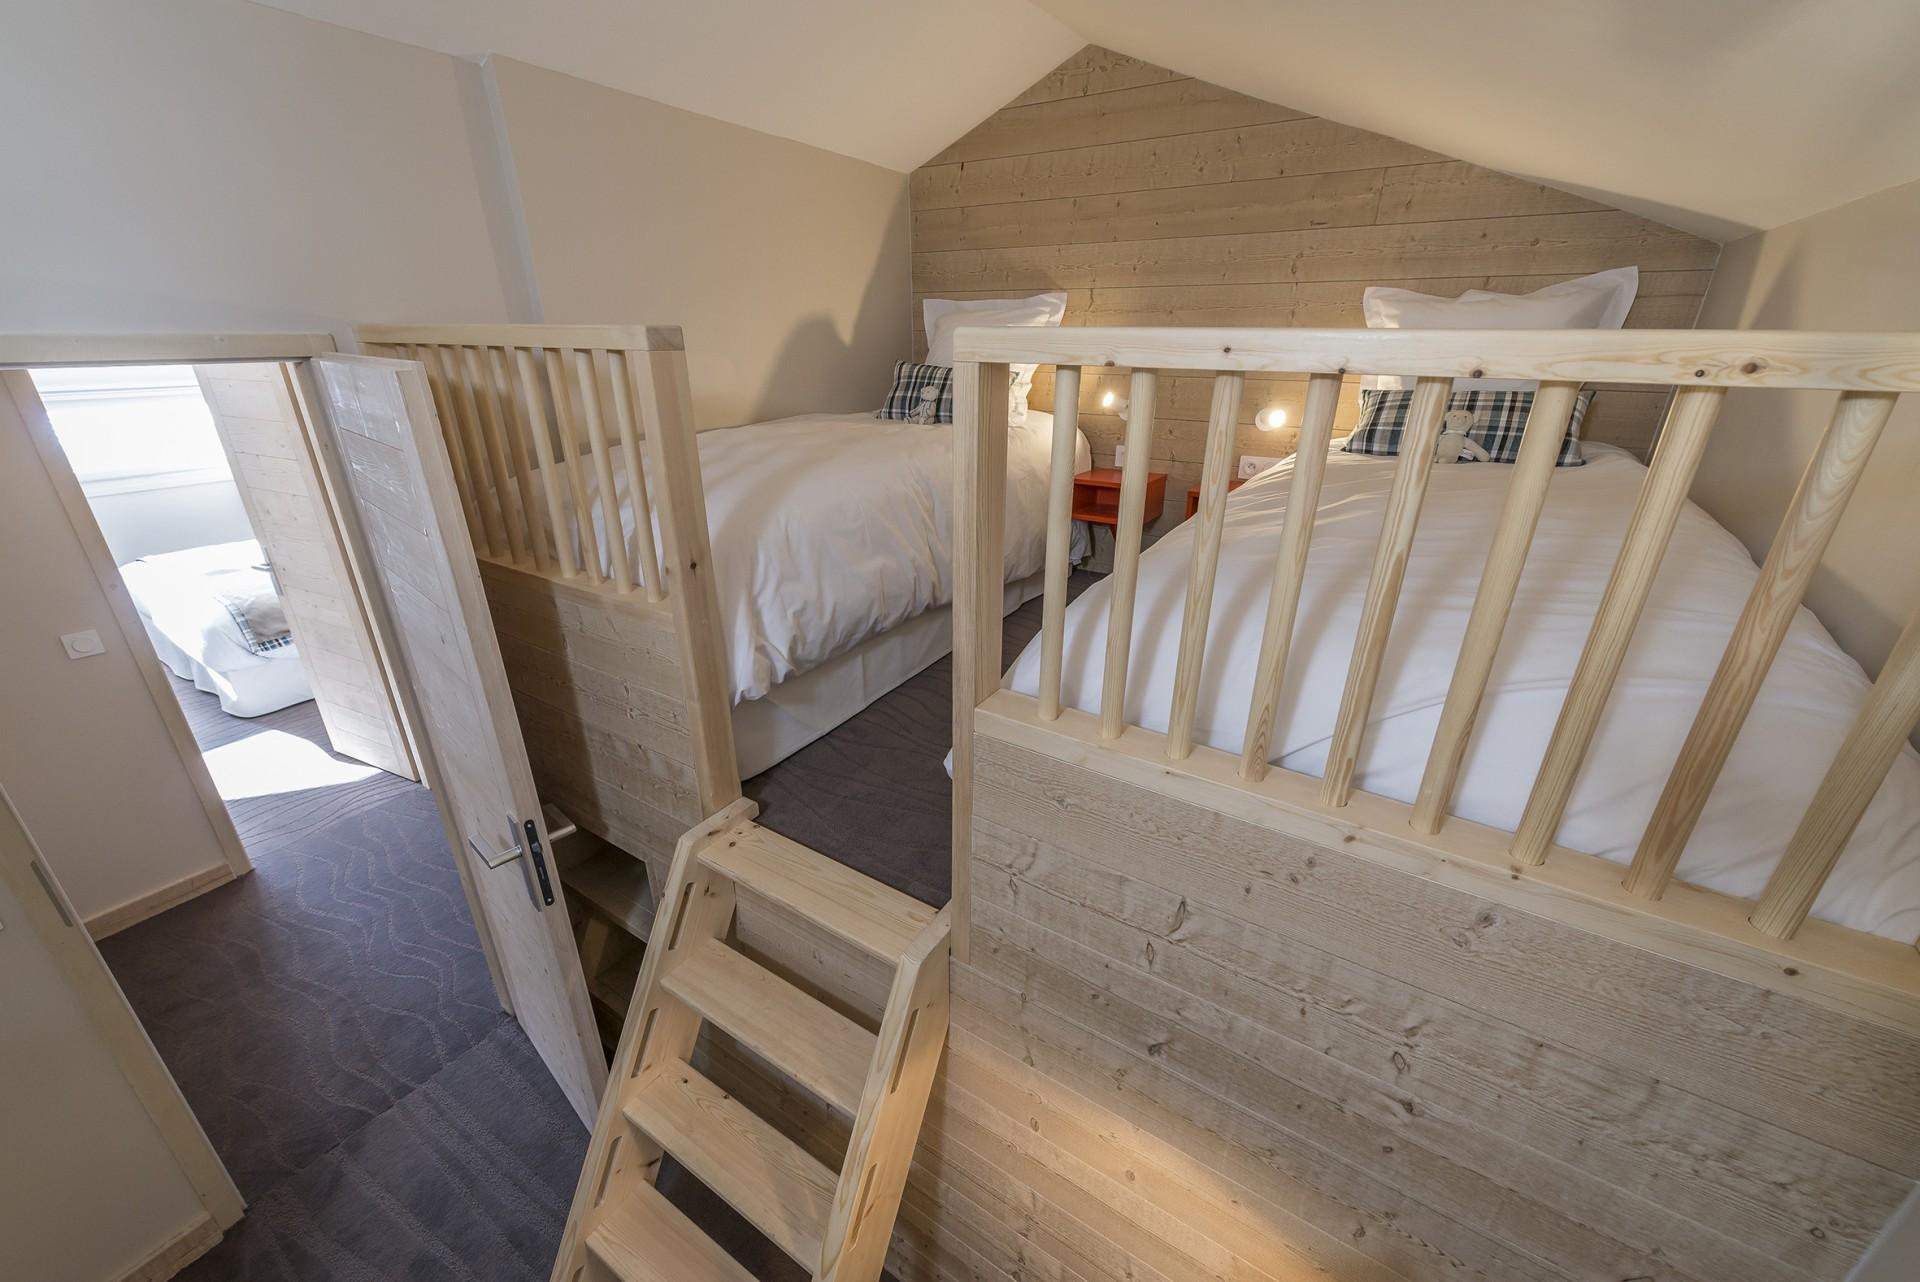 chambre-enfants-6-pieces-10-12-pers-141-7360x4912-7707